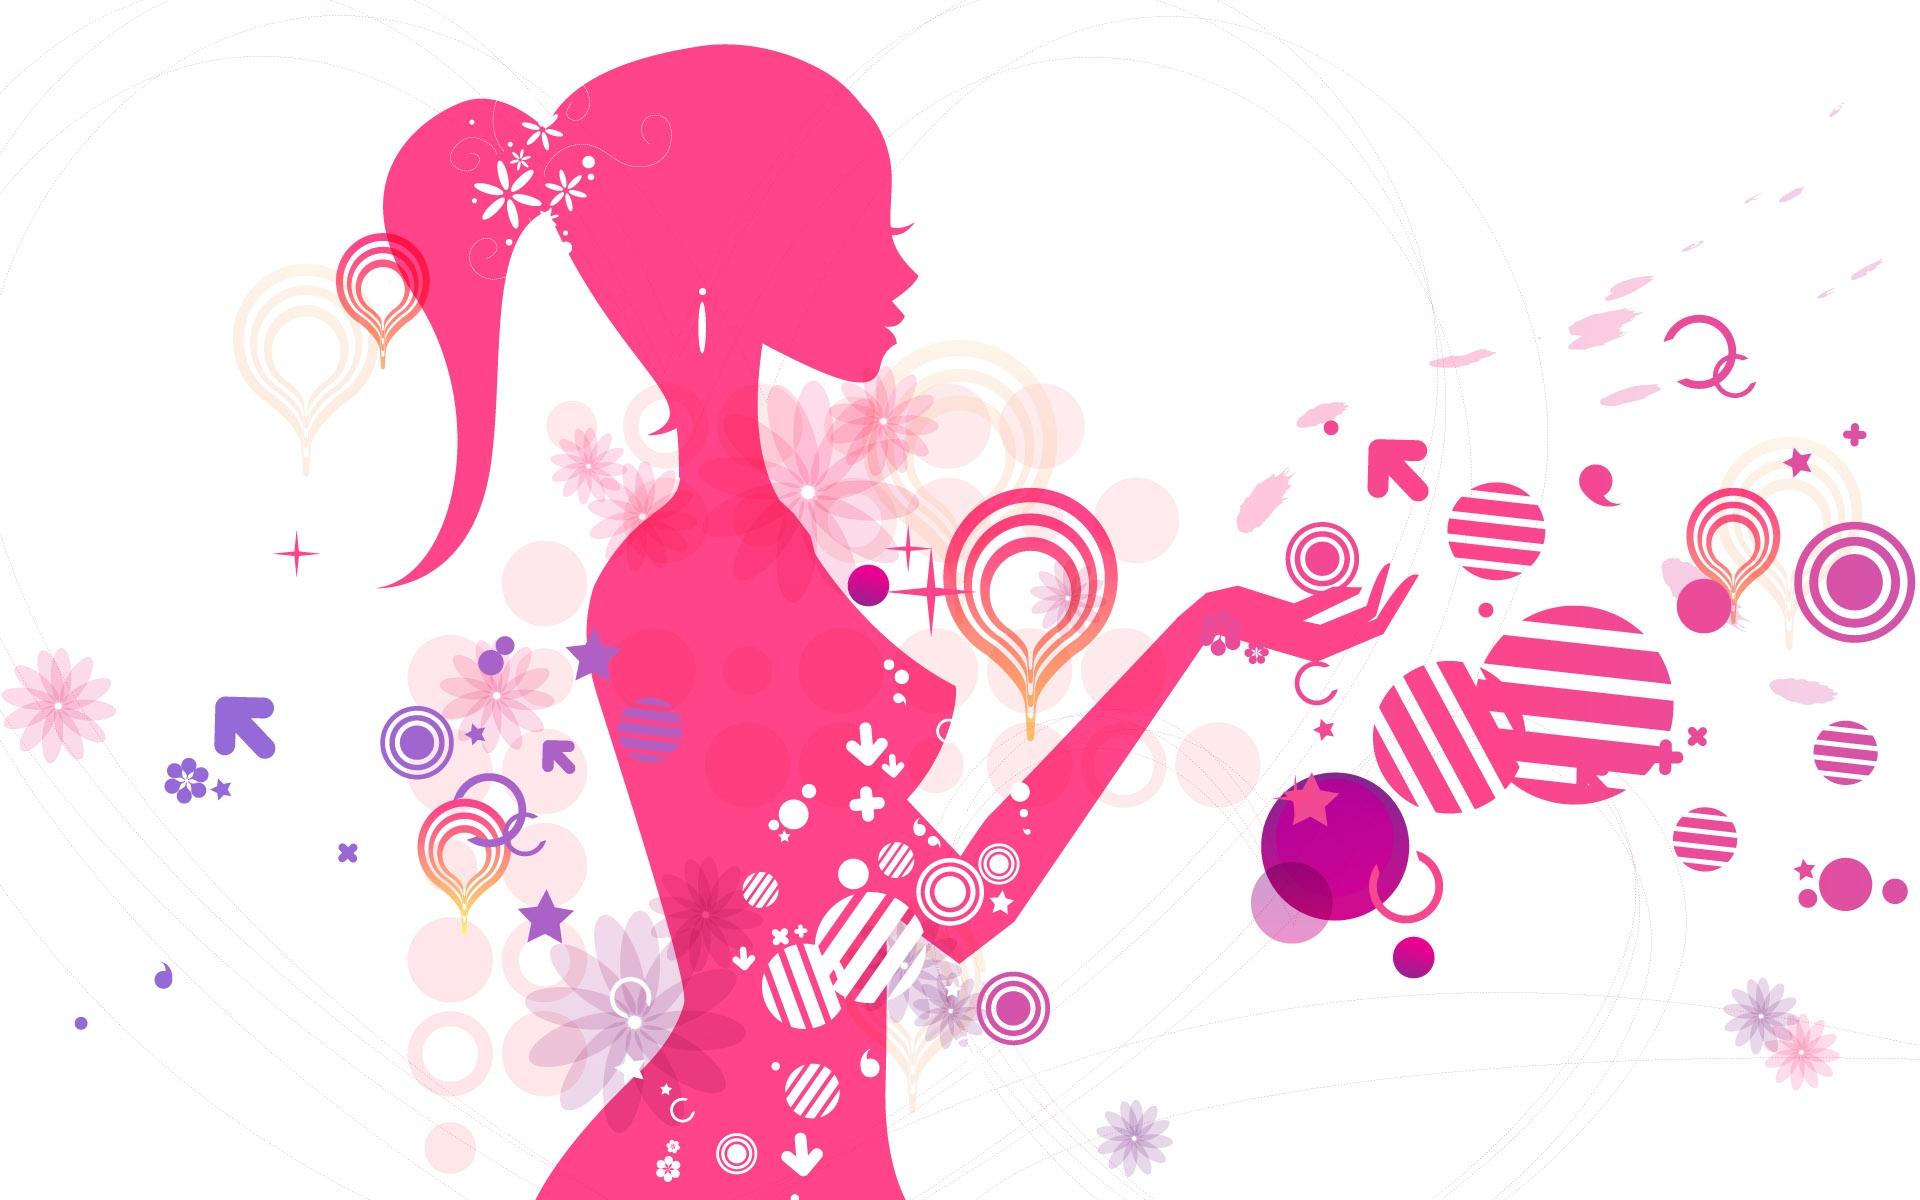 Картинки Девушка, силуэт, розовый, круги, узоры фото и обои на рабочий стол